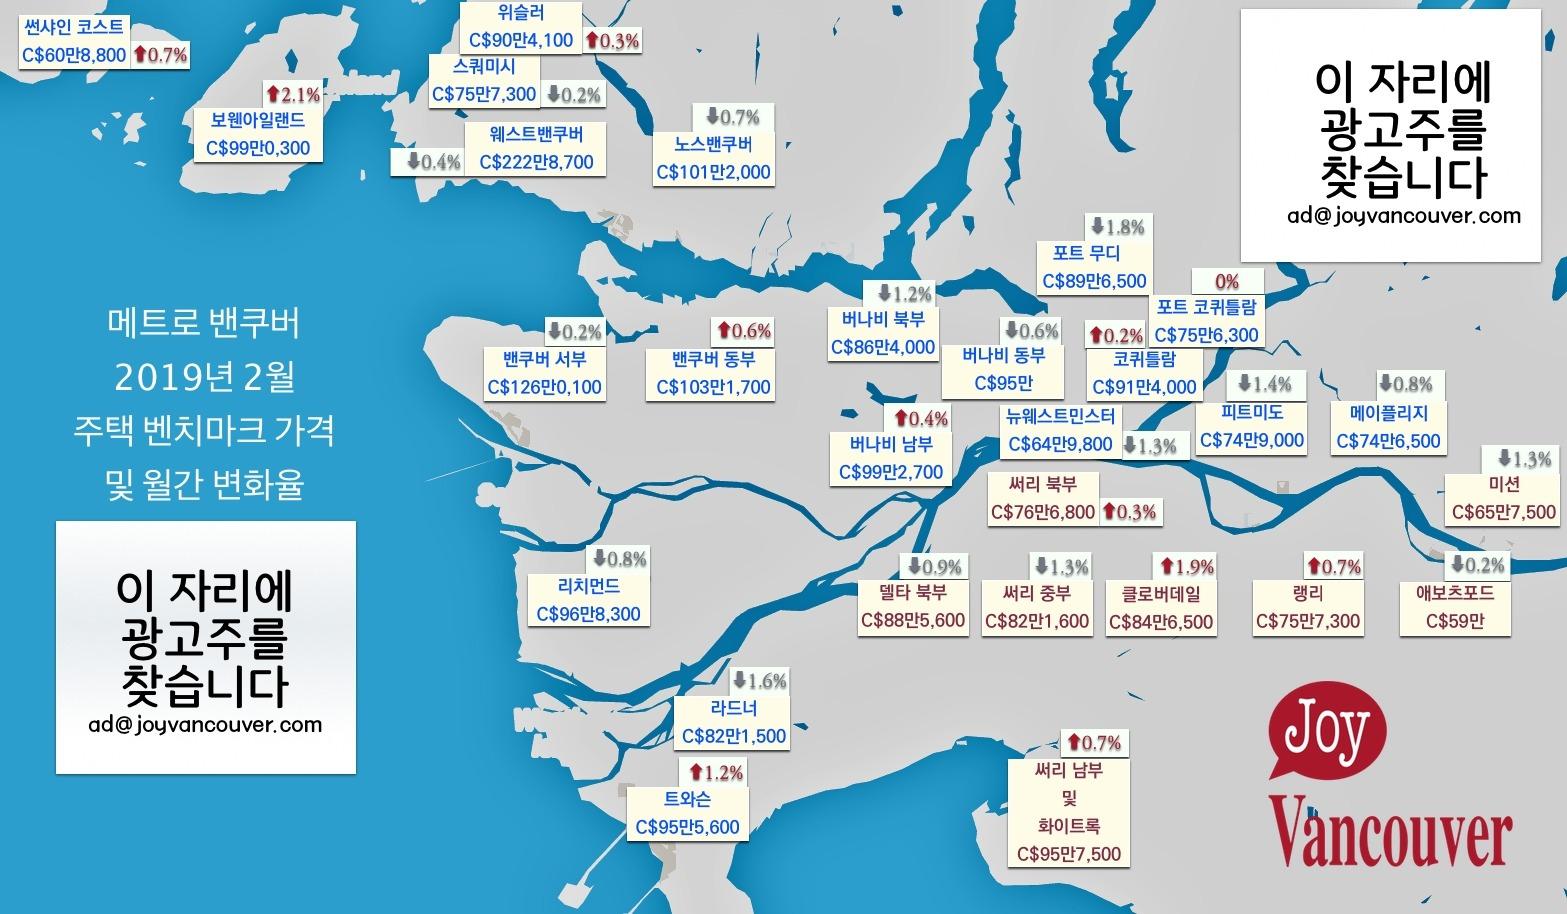 밴쿠버 부동산 2월 거래량, 지난해 ⅔ 수준 MetroVancouver 부동산 2019 02